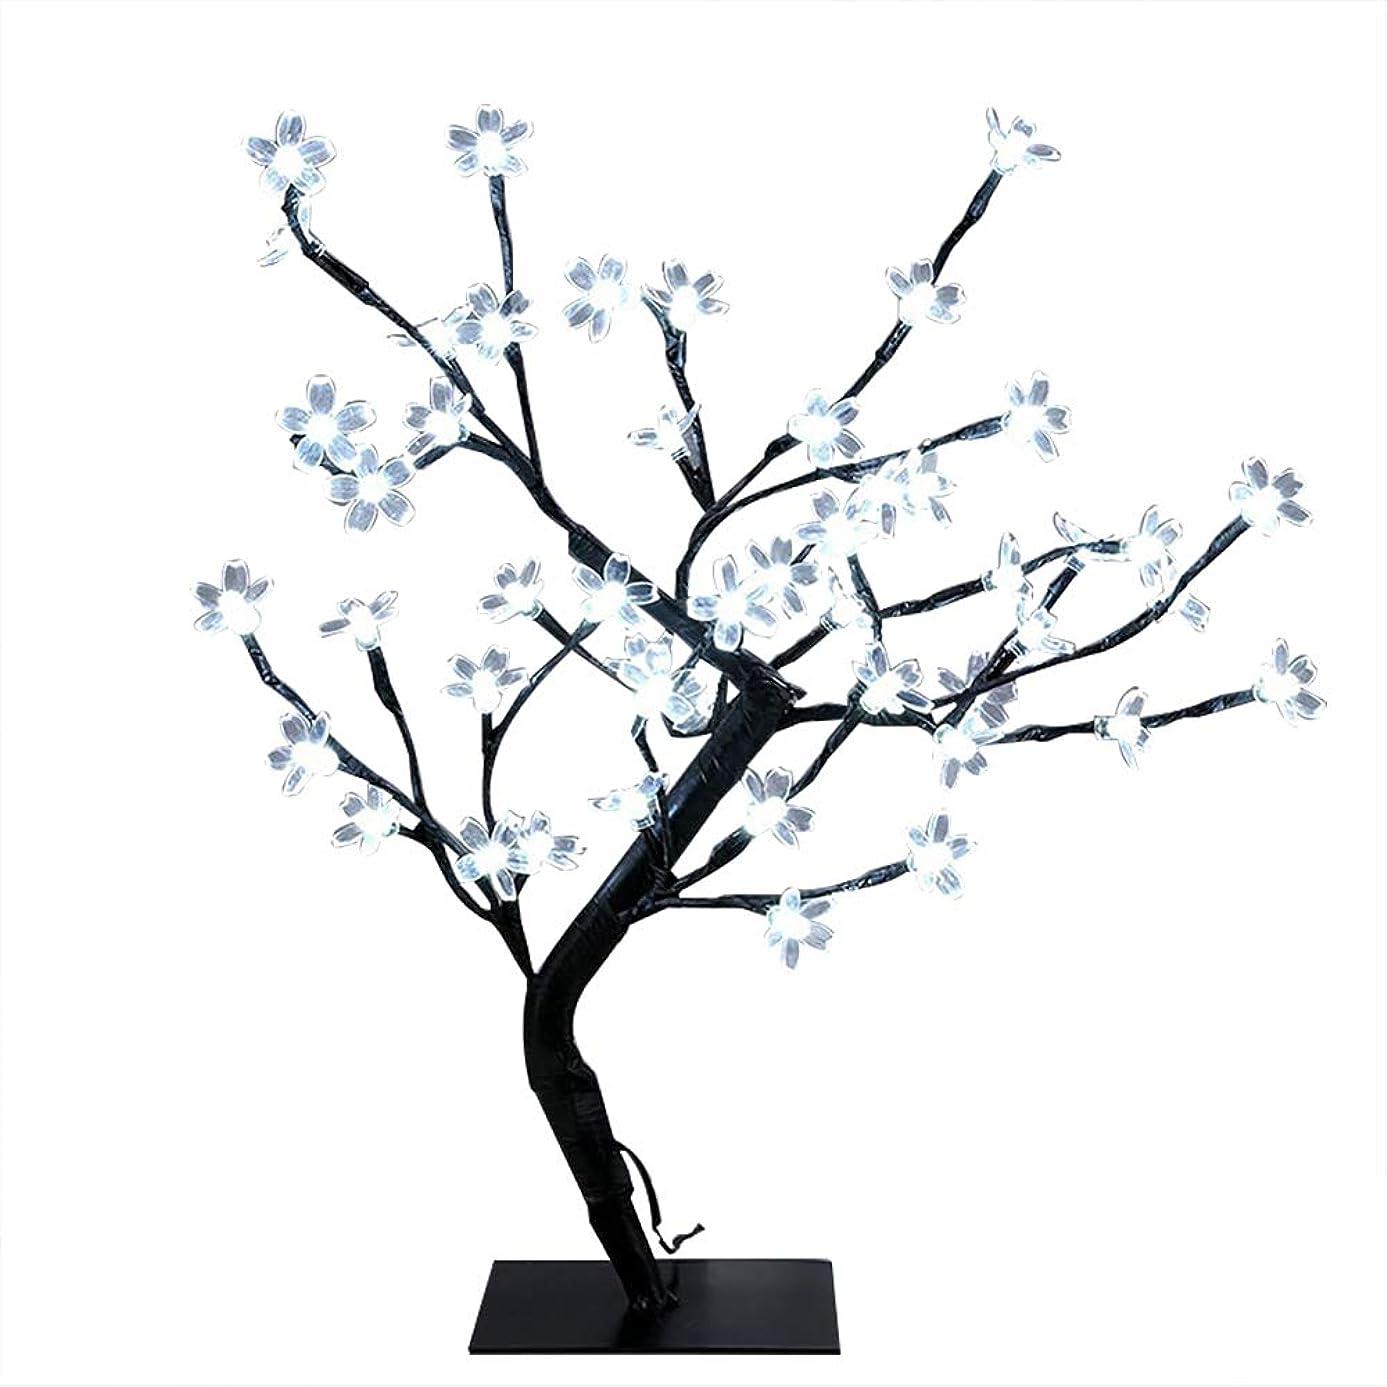 原始的なプレミアム提供された48 LED 桜 ツリーライト イルミネーションライト ストリングスライト USB式 盆栽 枝ライト 桜ライト デスクライト デスク盆栽 クリスマス/寝室/結婚式/学園祭/パーティー屋内装飾 (ホワイト)